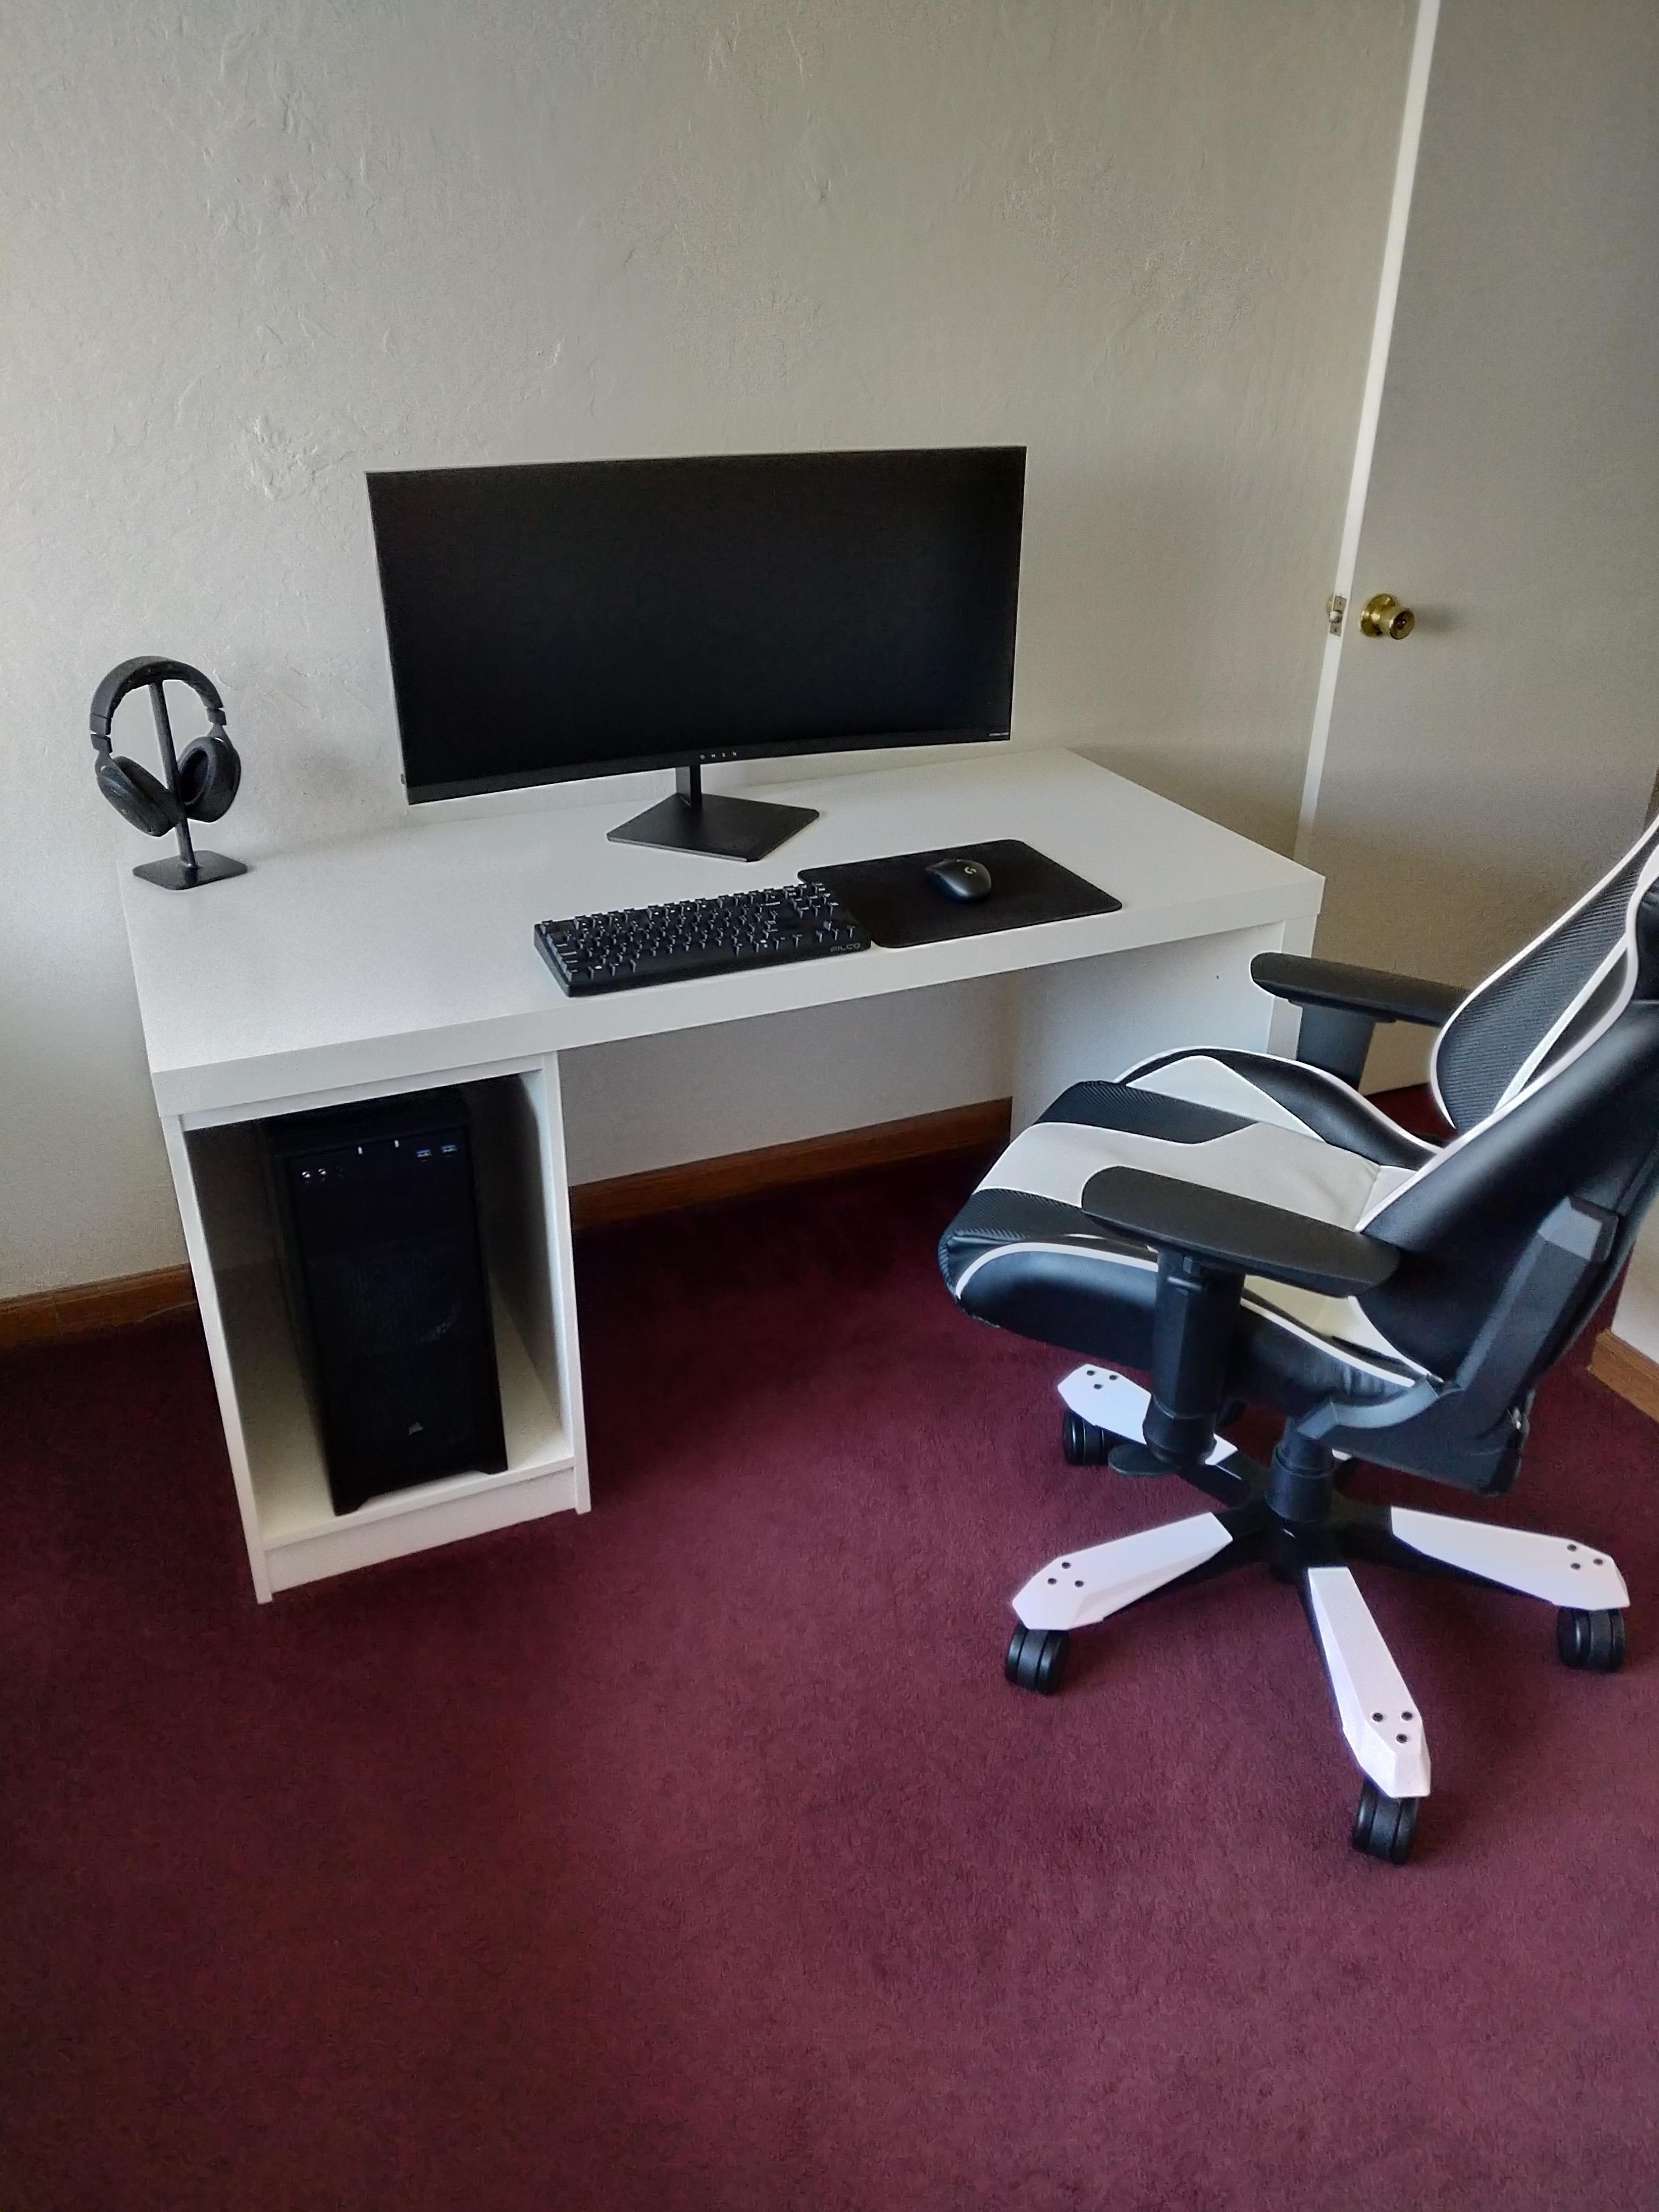 - My Plain Setup Room Setup, Pc Setup, Setup